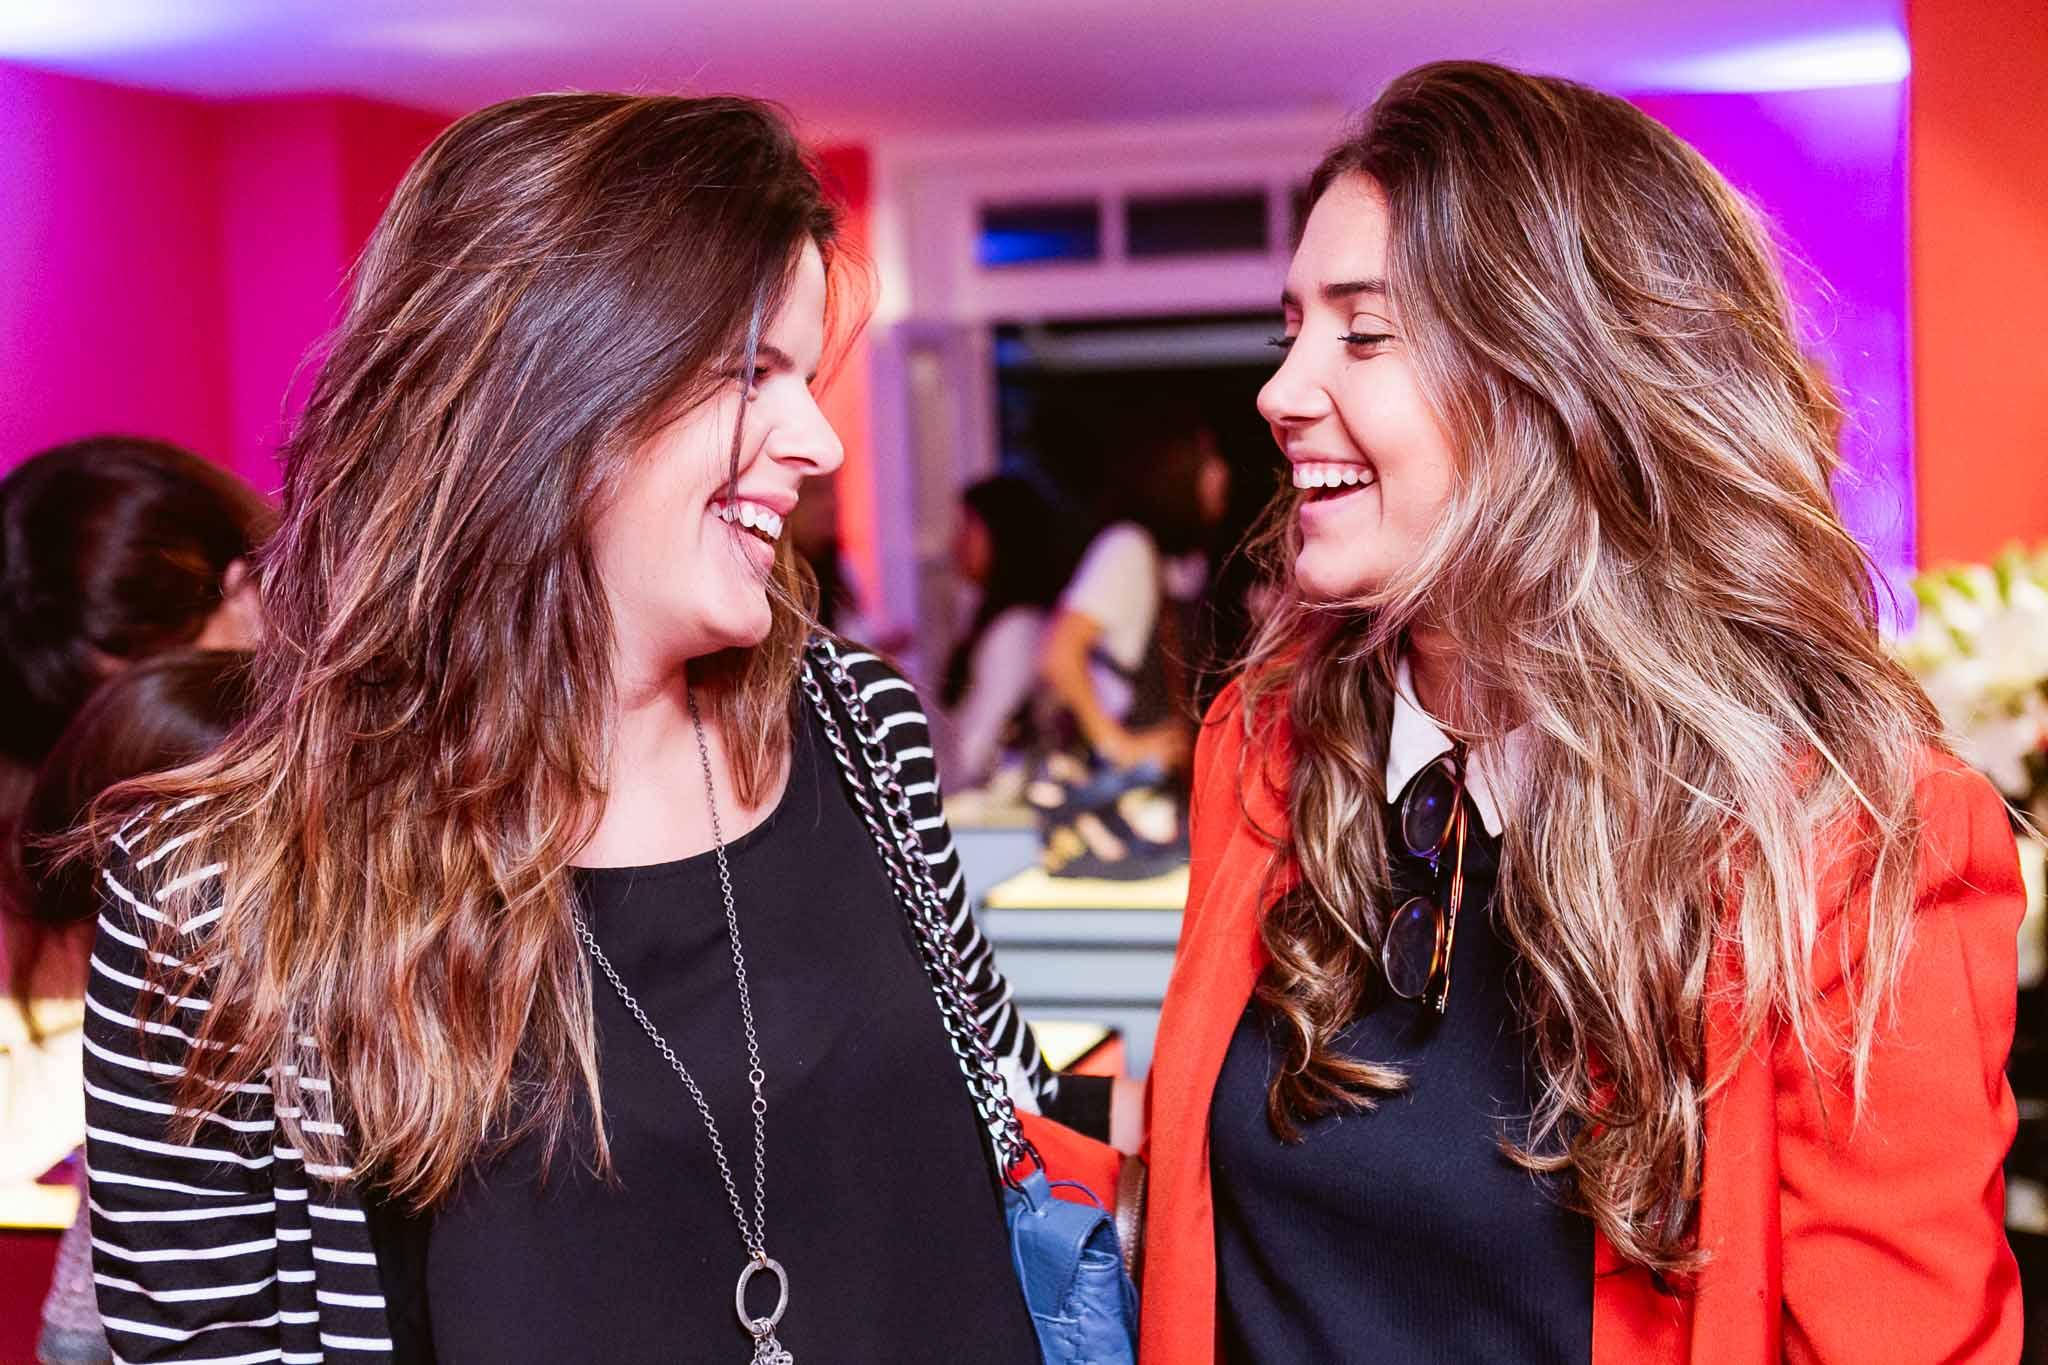 Ana Carolina Sodre e Barbara Ganeff